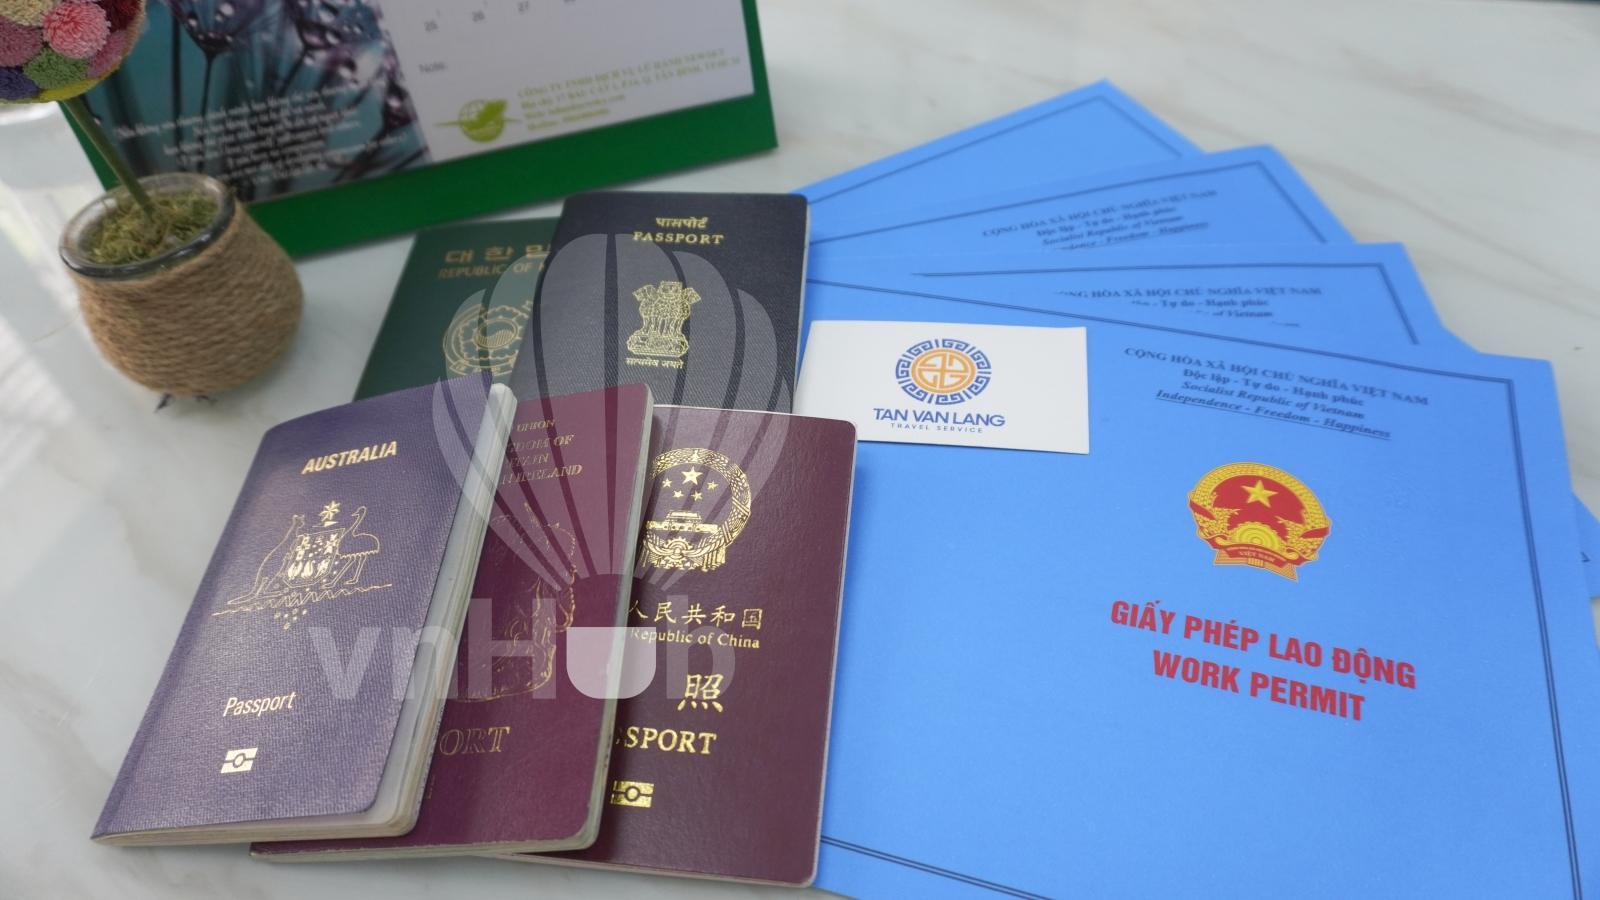 Dịch vụ xin giấy phép lao động cho người nước ngoài